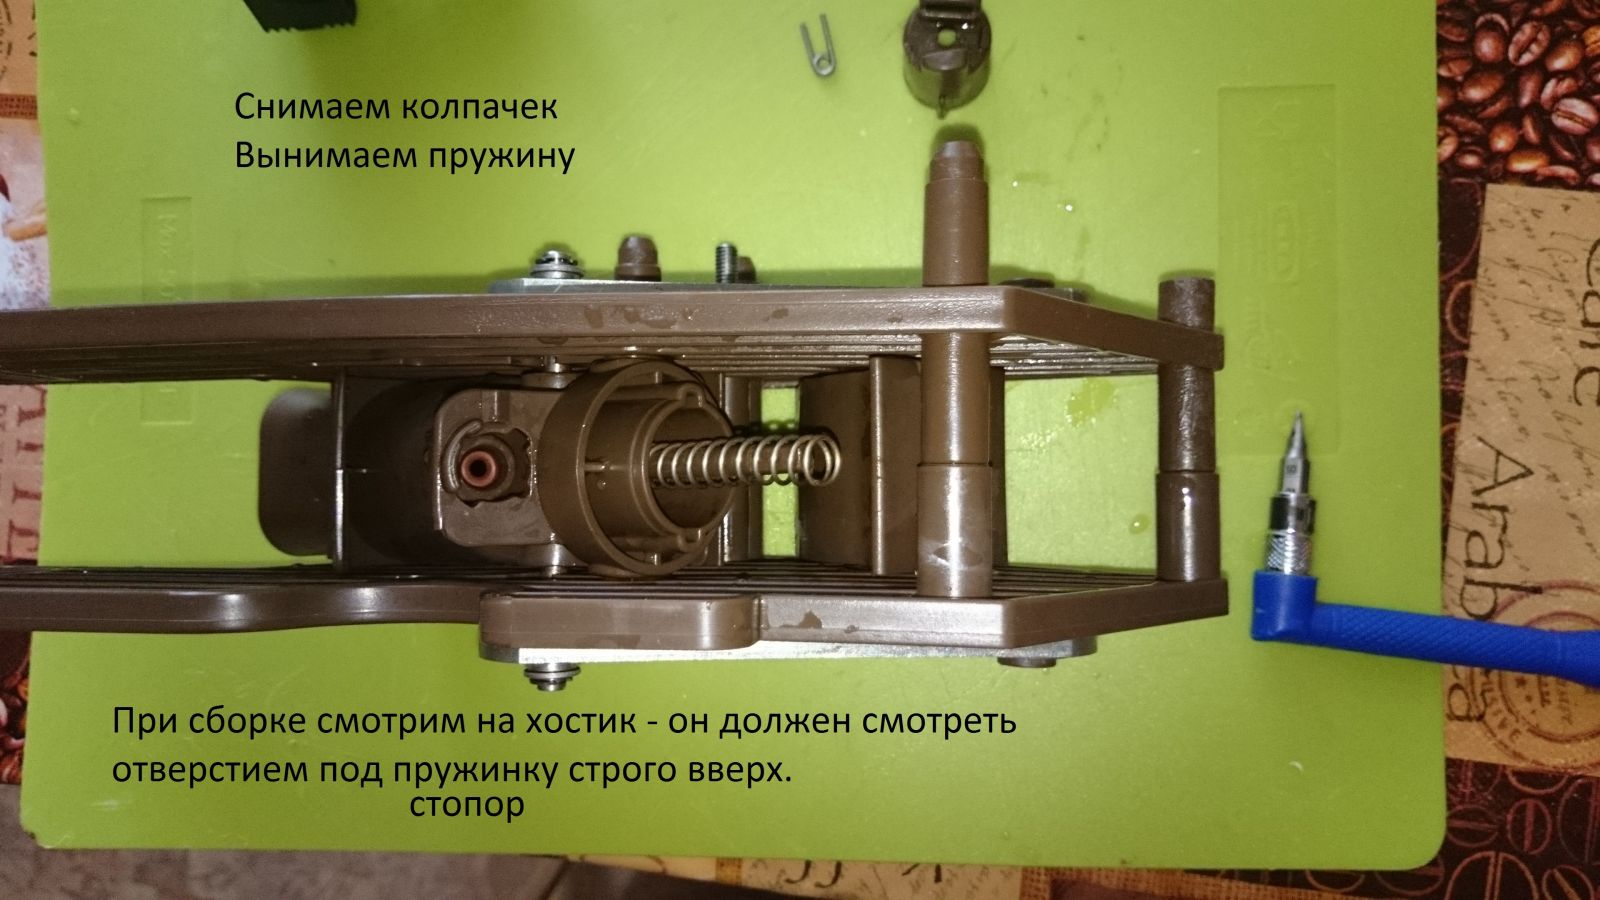 JofKV 6